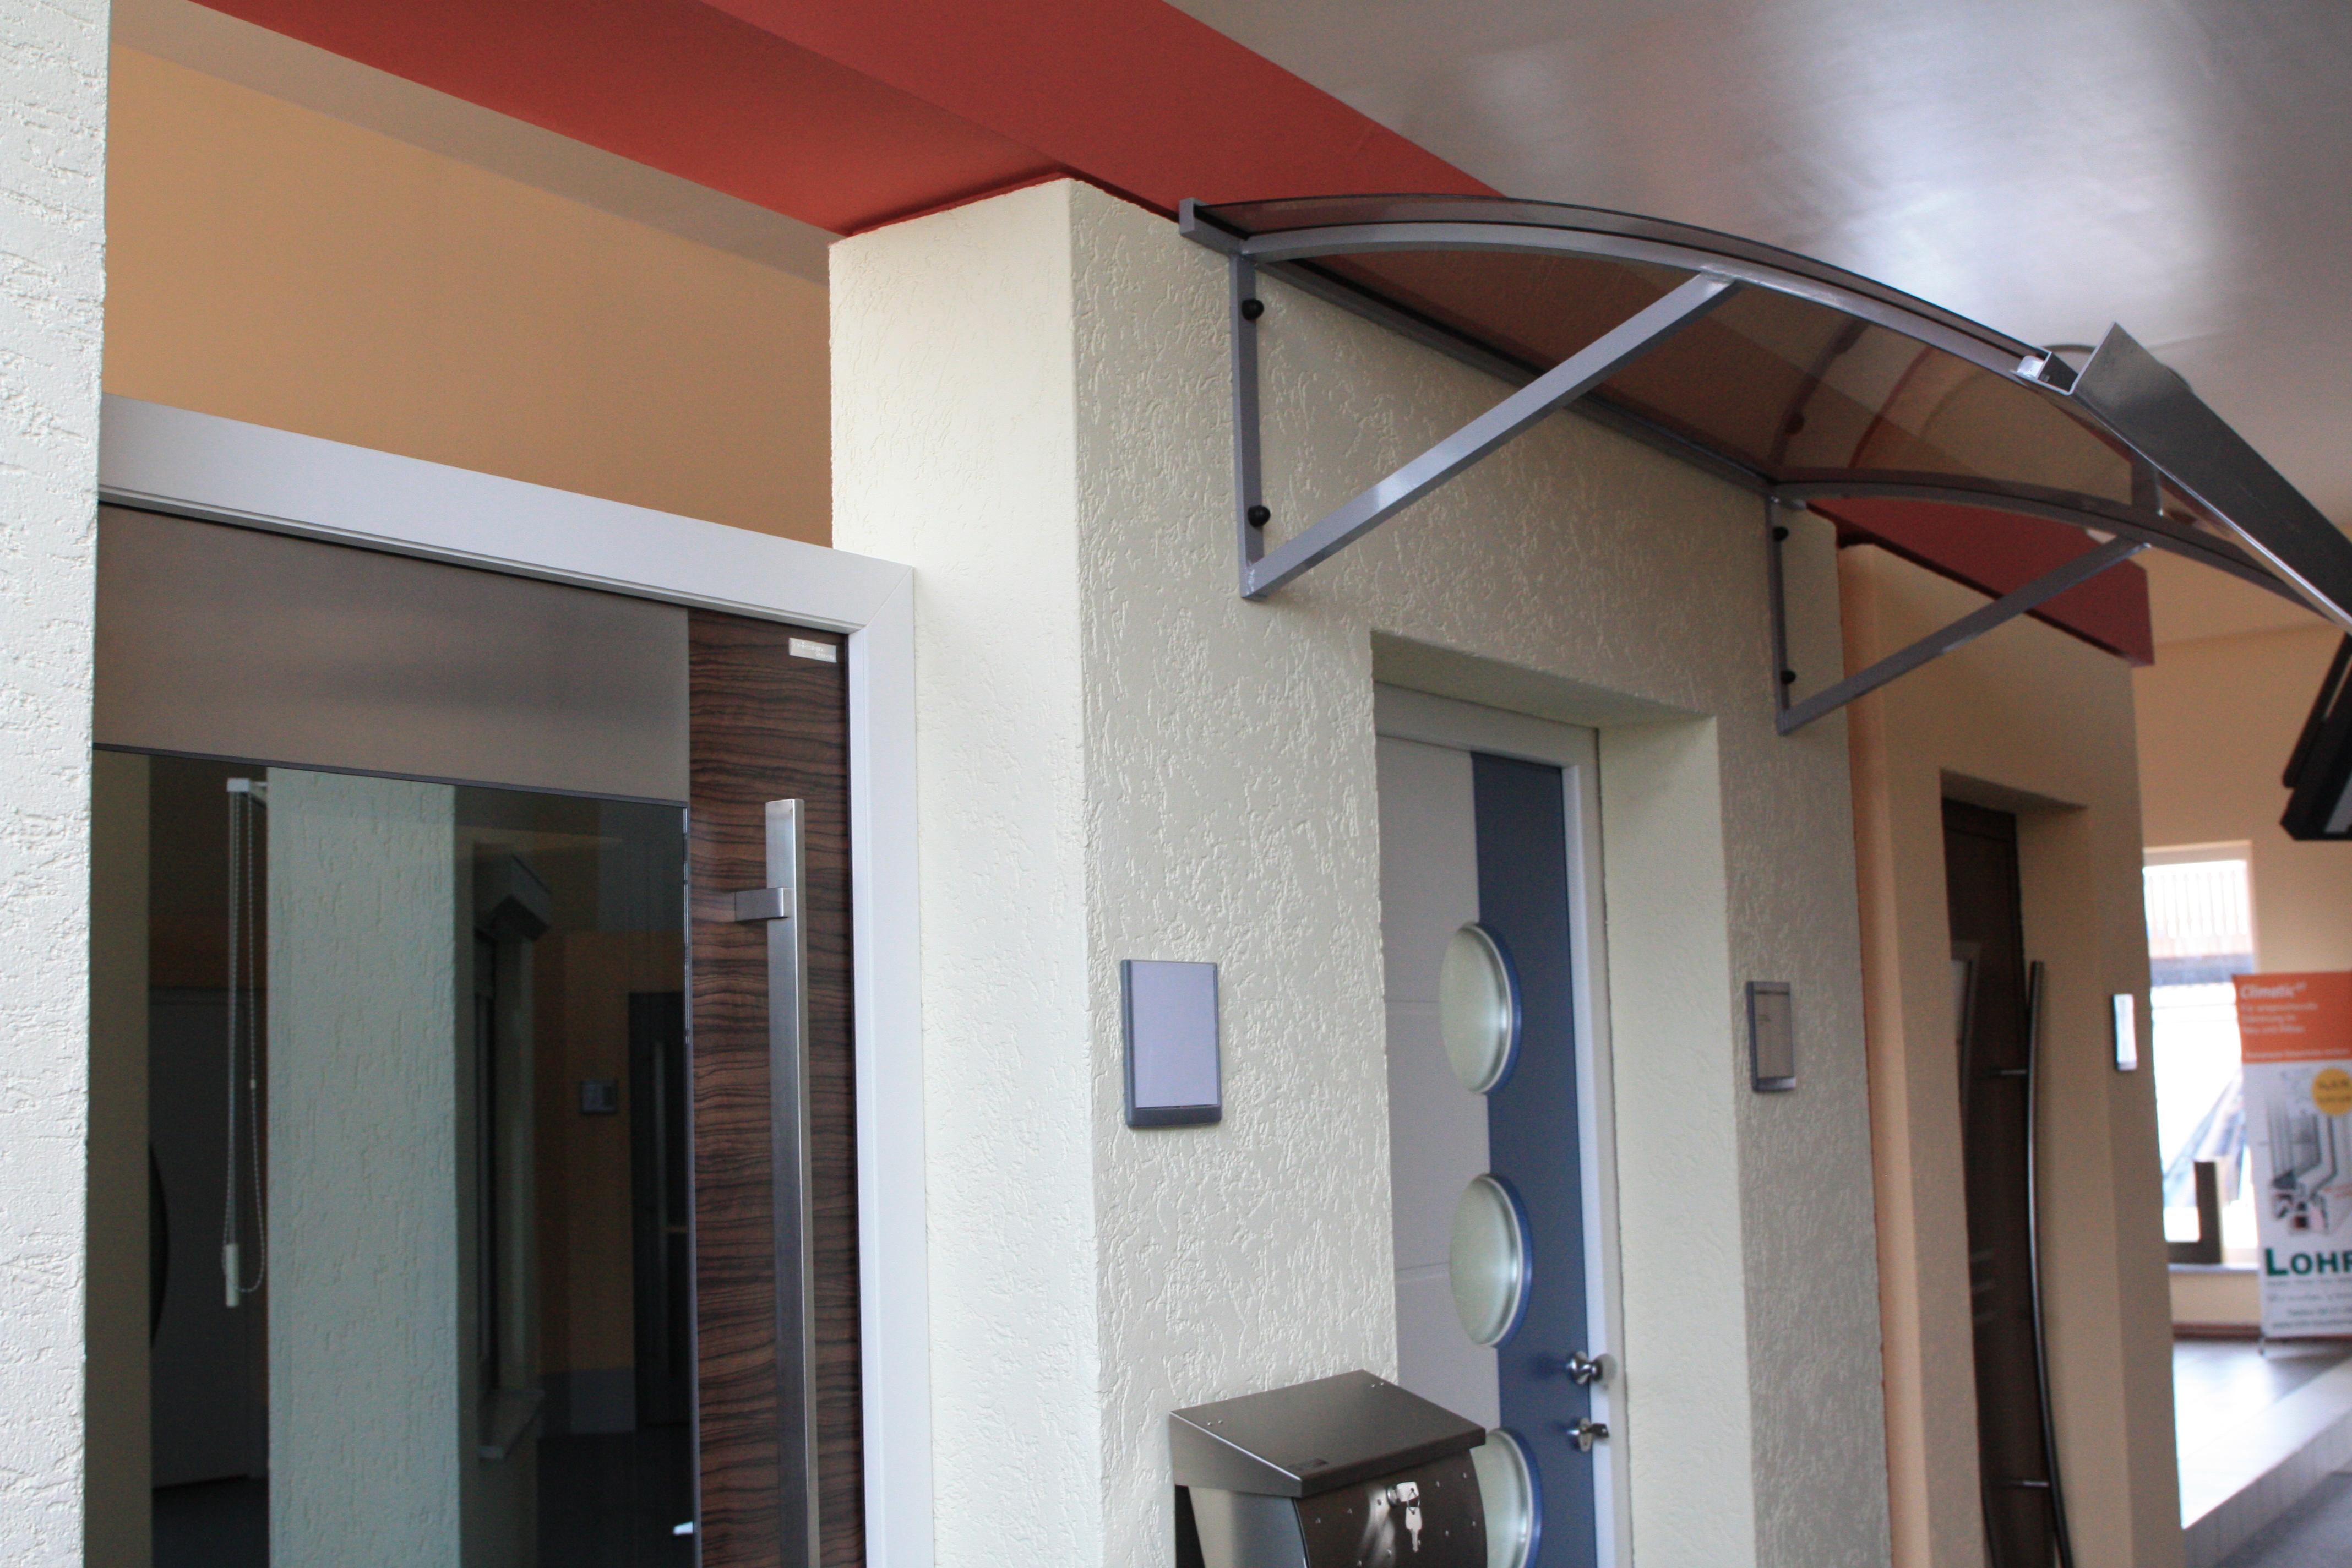 Lohr Baubedarf - Haustüren und Vordächer